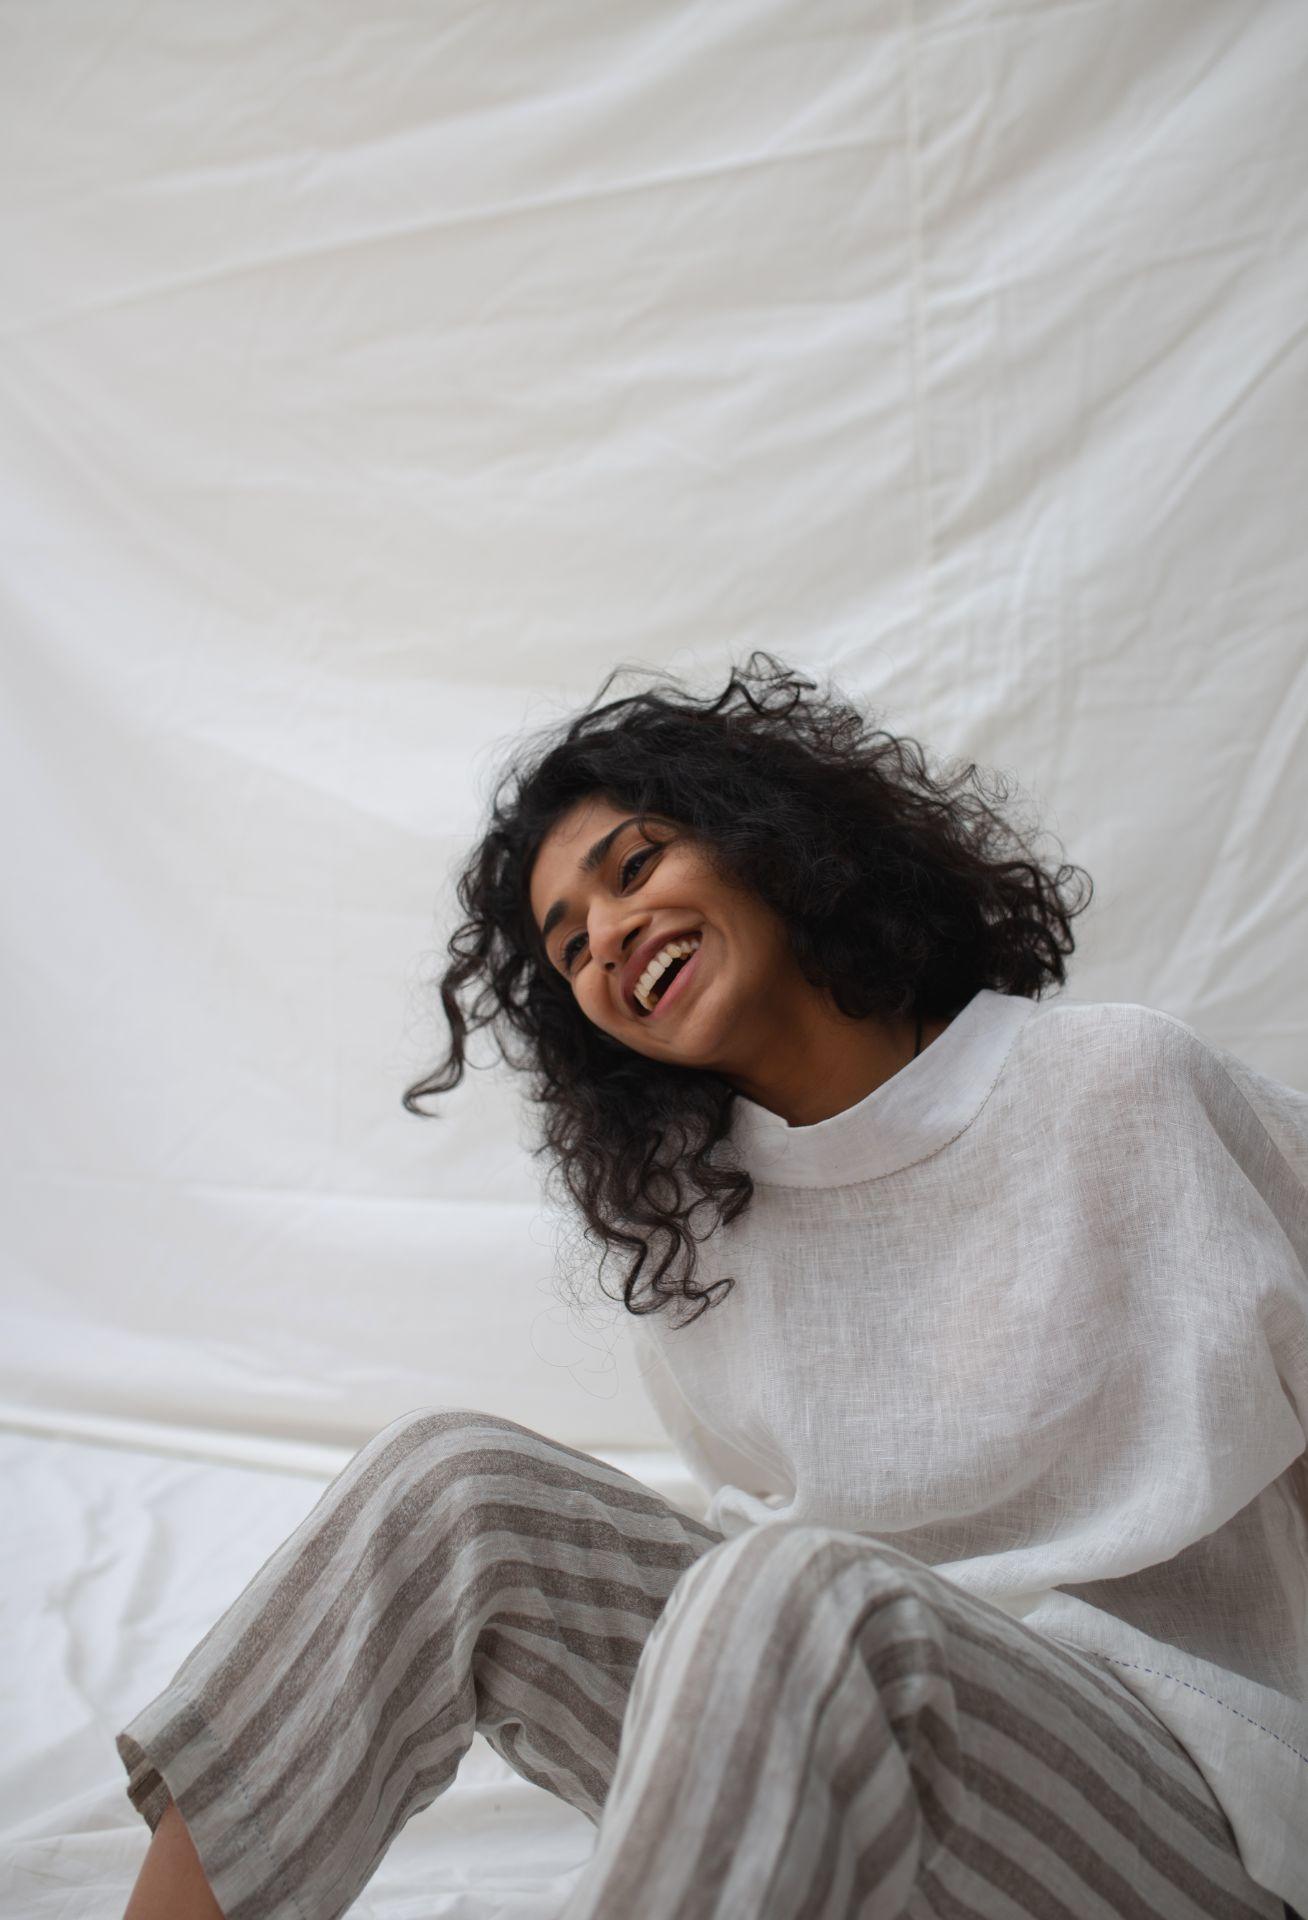 Sitting laughing posing smiling wearing white brand